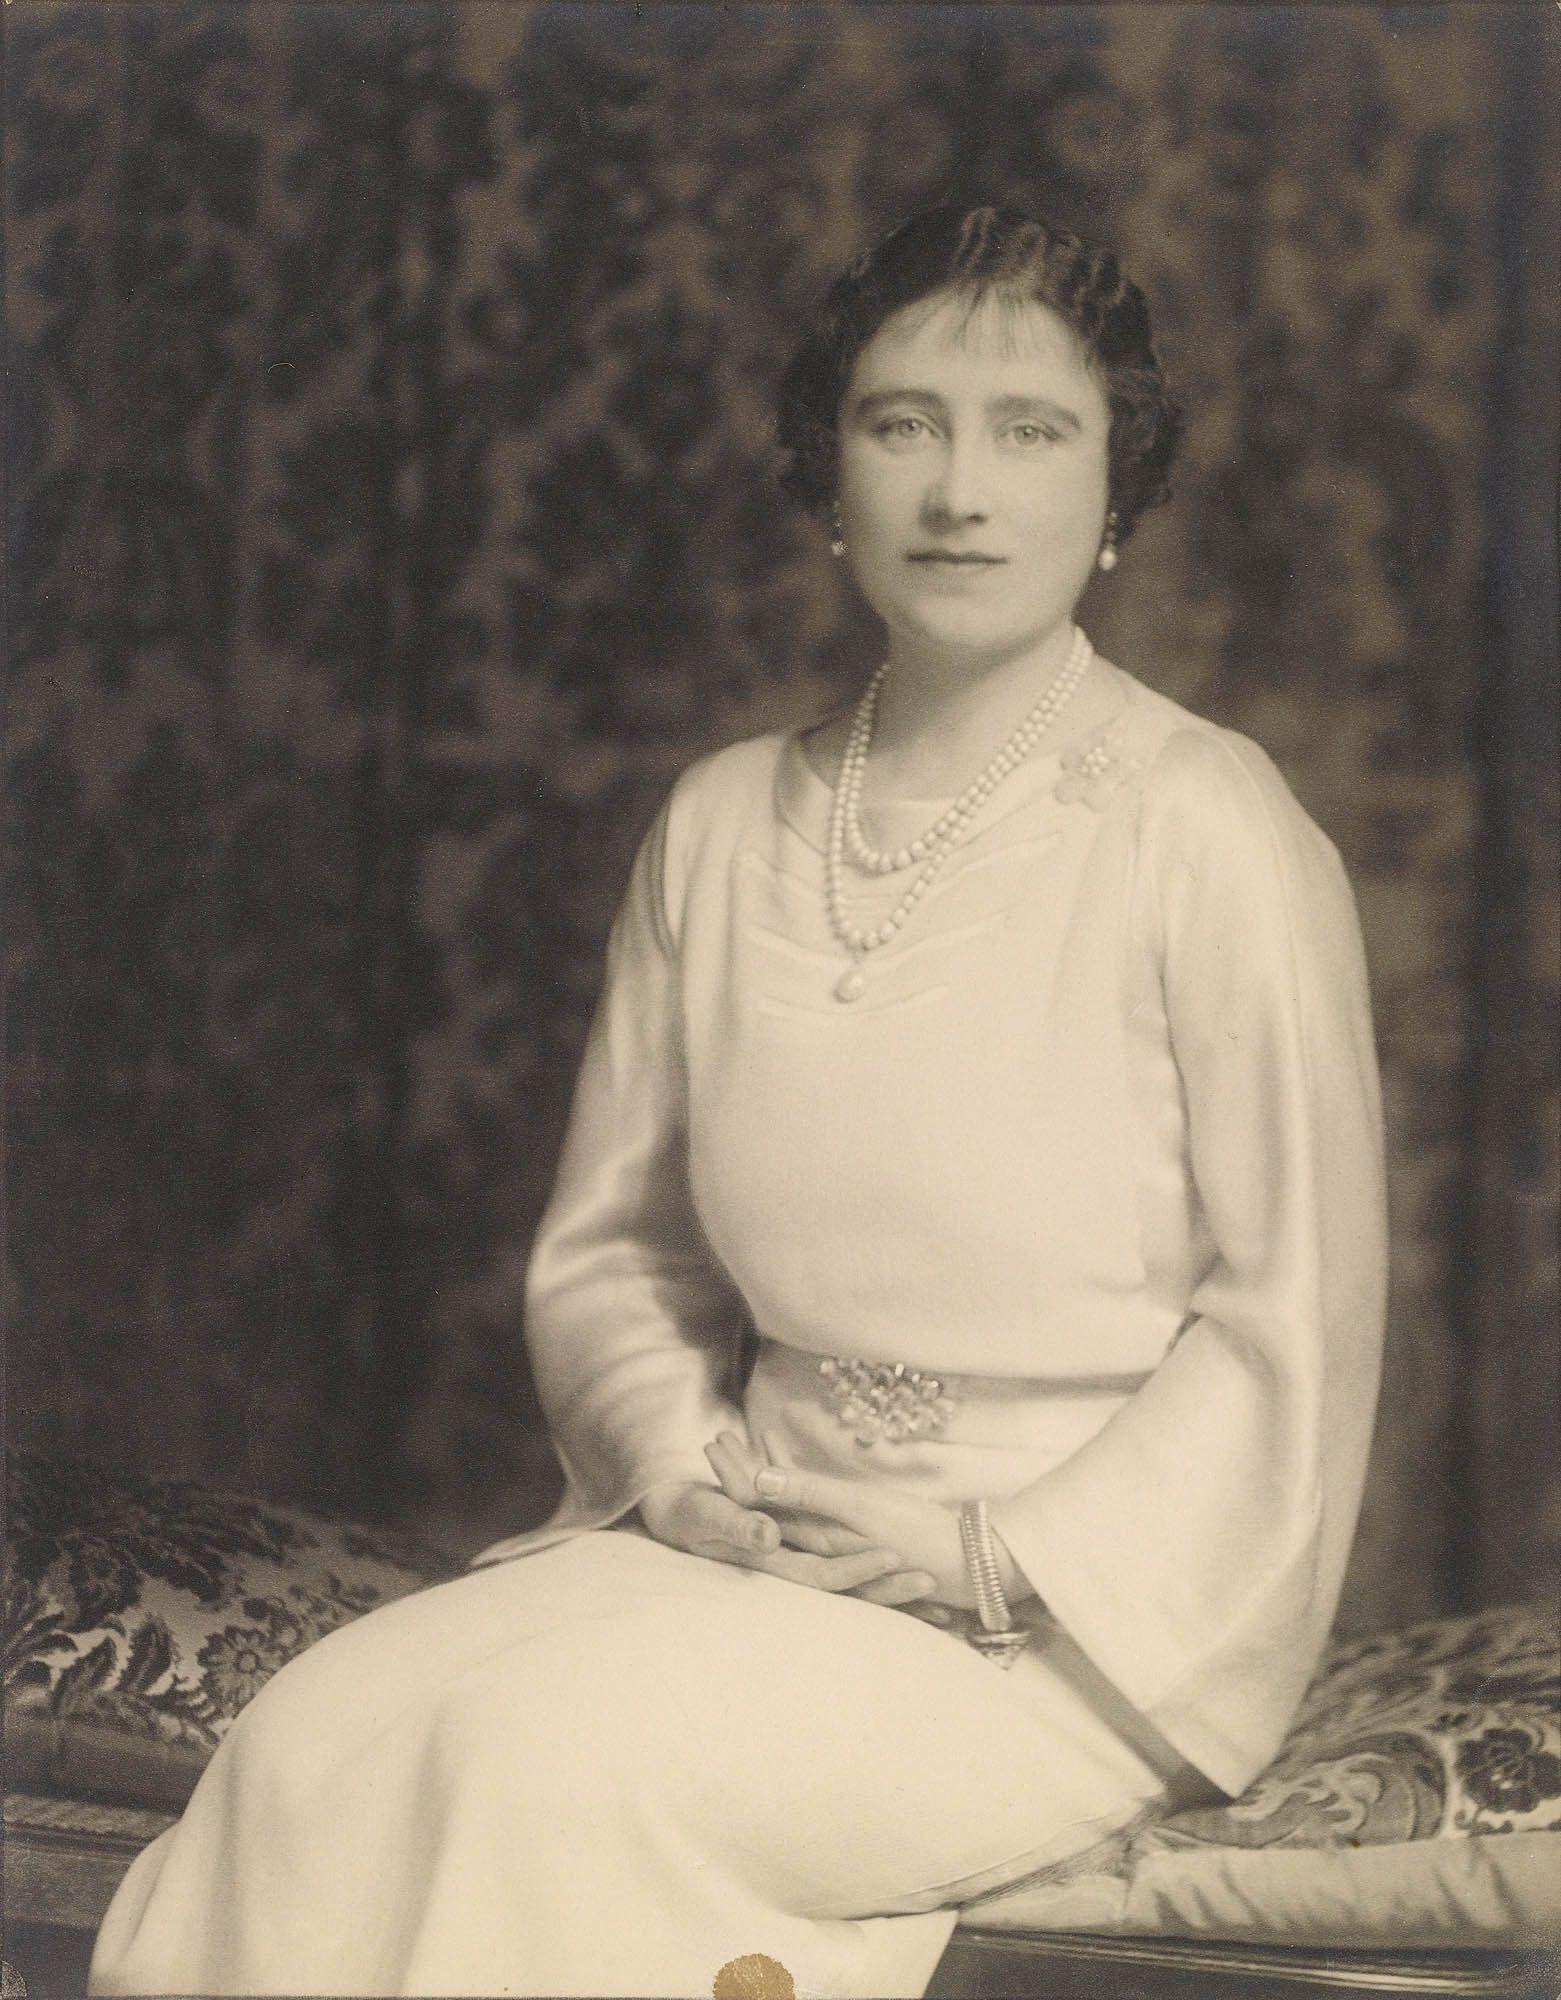 Queen Elizabeth the Queen Mother (19002002), when Queen